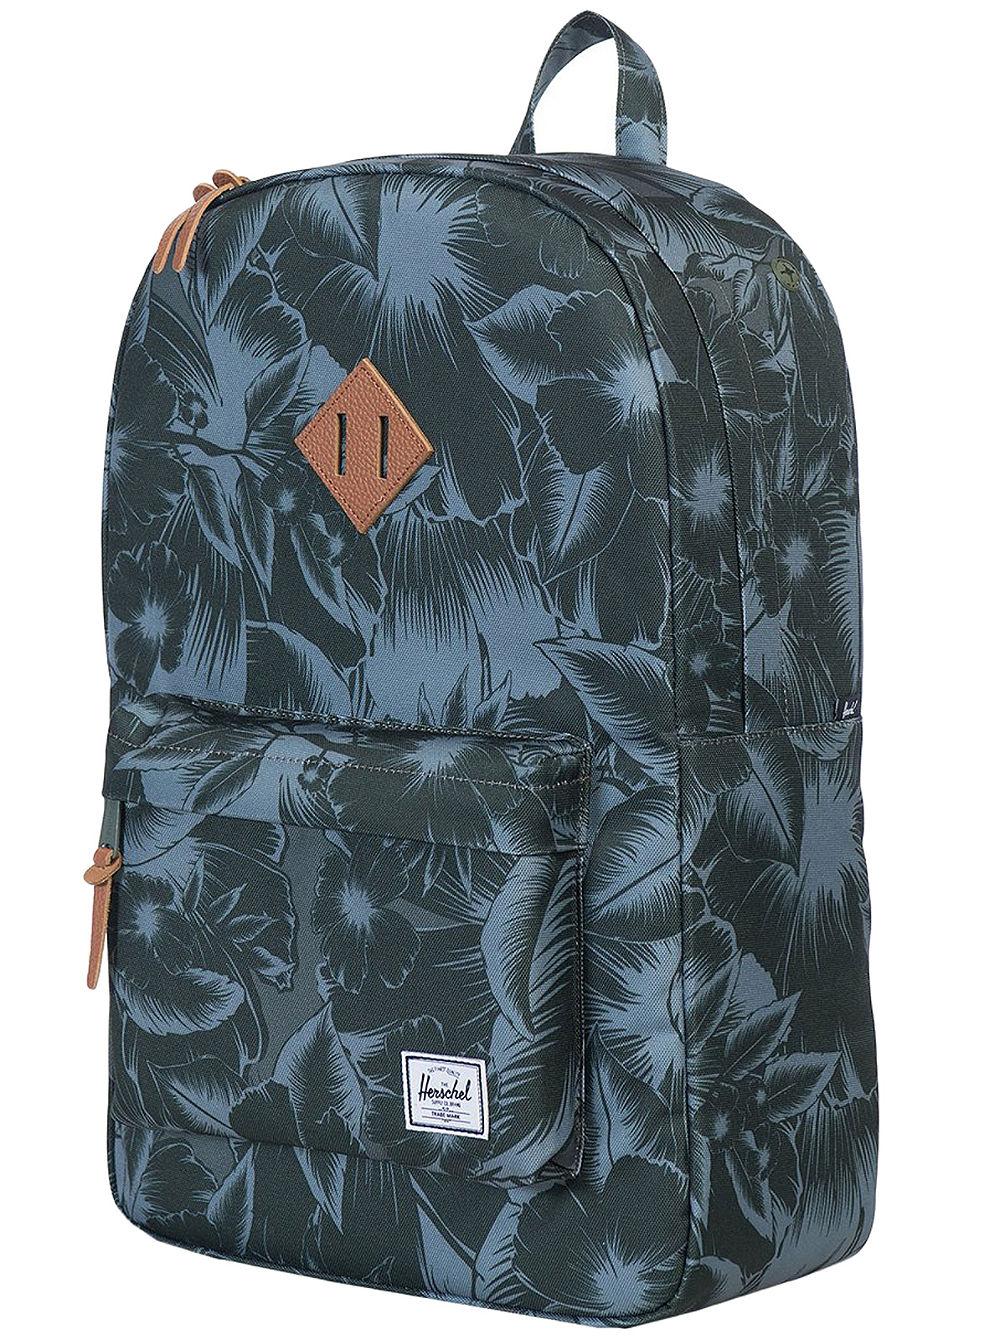 2e98bcbdcfc Buy Herschel Heritage Mid Volume Backpack online at blue-tomato.com